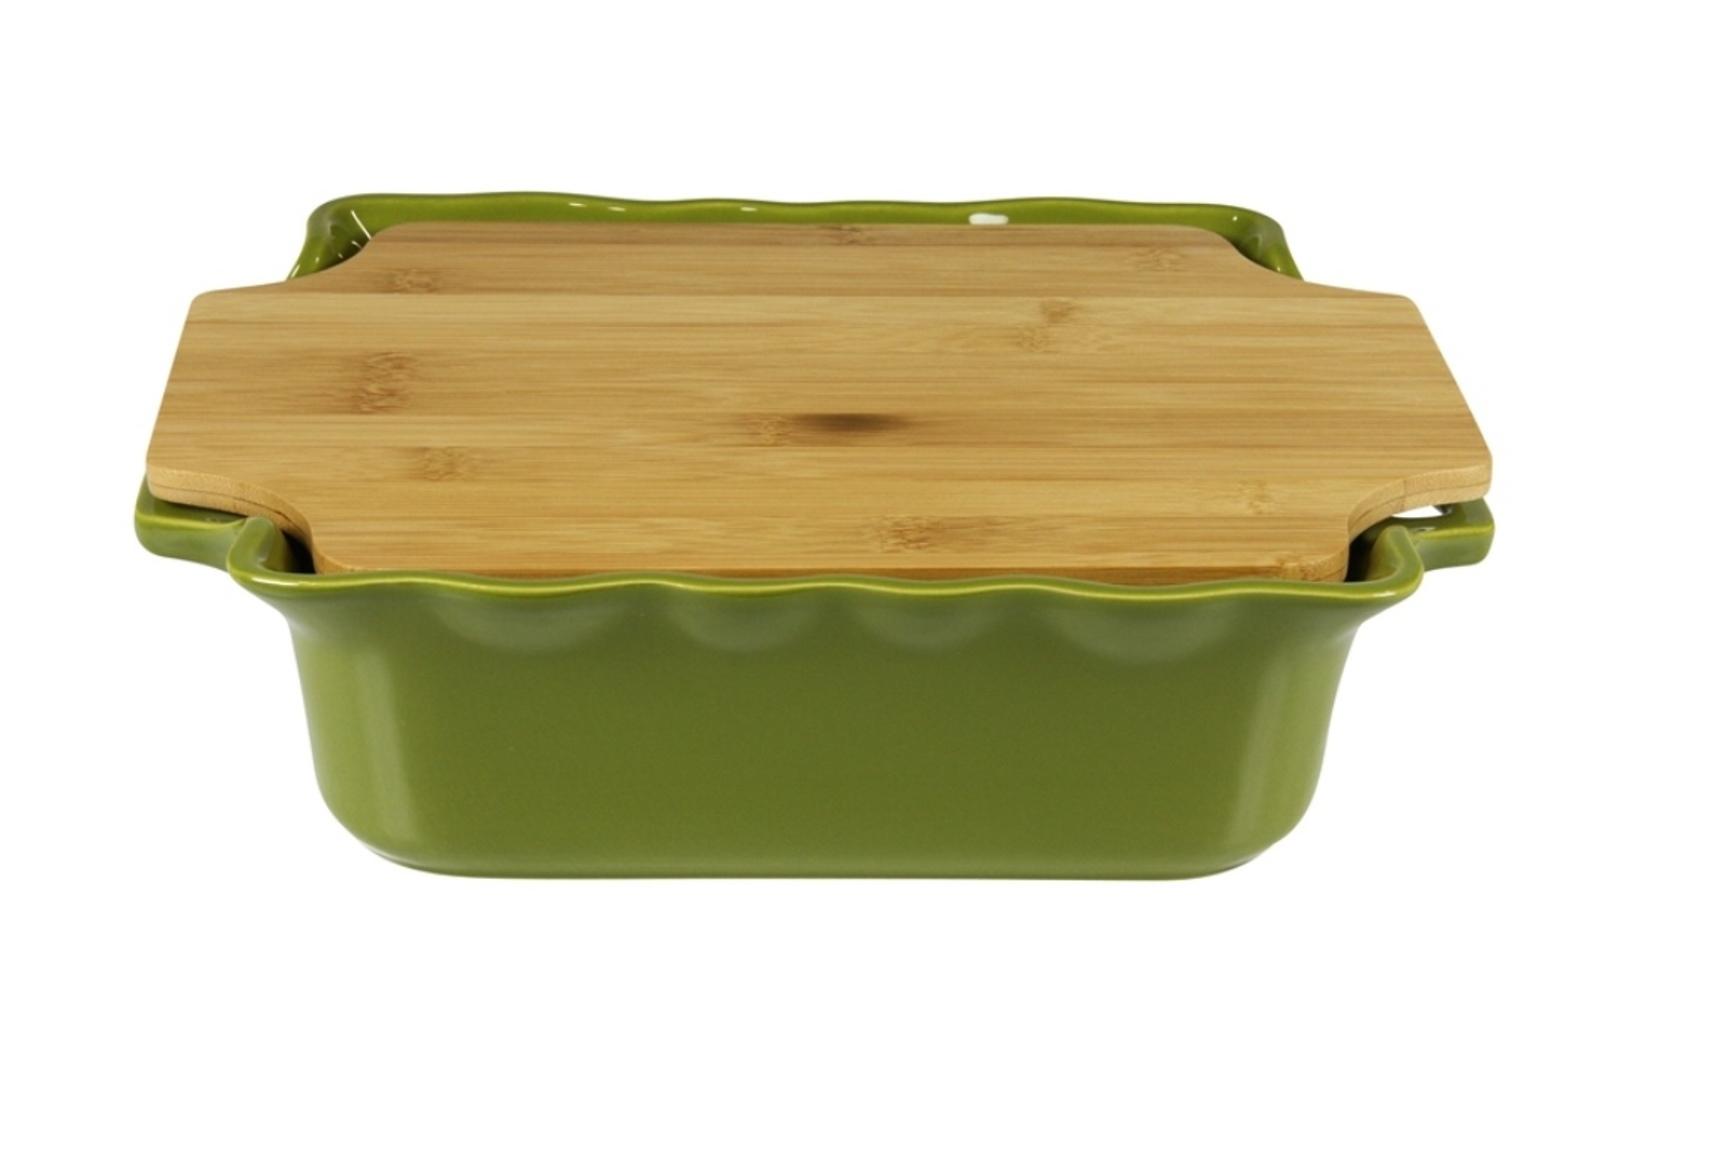 Форма с доской квадратная 34,5 см Appolia Cook&amp;Stock DARK GREEN 130034505Формы для запекания (выпечки)<br>Форма с доской квадратная 34,5 см Appolia Cook&amp;Stock DARK GREEN 130034505<br><br>В оригинальной коллекции Cook&amp;Stoock присутствуют мягкие цвета трех оттенков. Закругленные углы облегчают чистку. Легко использовать. Компактное хранение. В комплекте натуральные крышки из бамбука, которые можно использовать в качестве подставки, крышки и разделочной доски. Прочная жароустойчивая керамика экологична и изготавливается из высококачественной глины. Прочная глазурь устойчива к растрескиванию и сколам, не содержит свинца и кадмия. Глина обеспечивает медленный и равномерный нагрев, деликатное приготовление с сохранением всех питательных веществ и витаминов, а та же долго сохраняет тепло, что удобно при сервировке горячих блюд.<br>